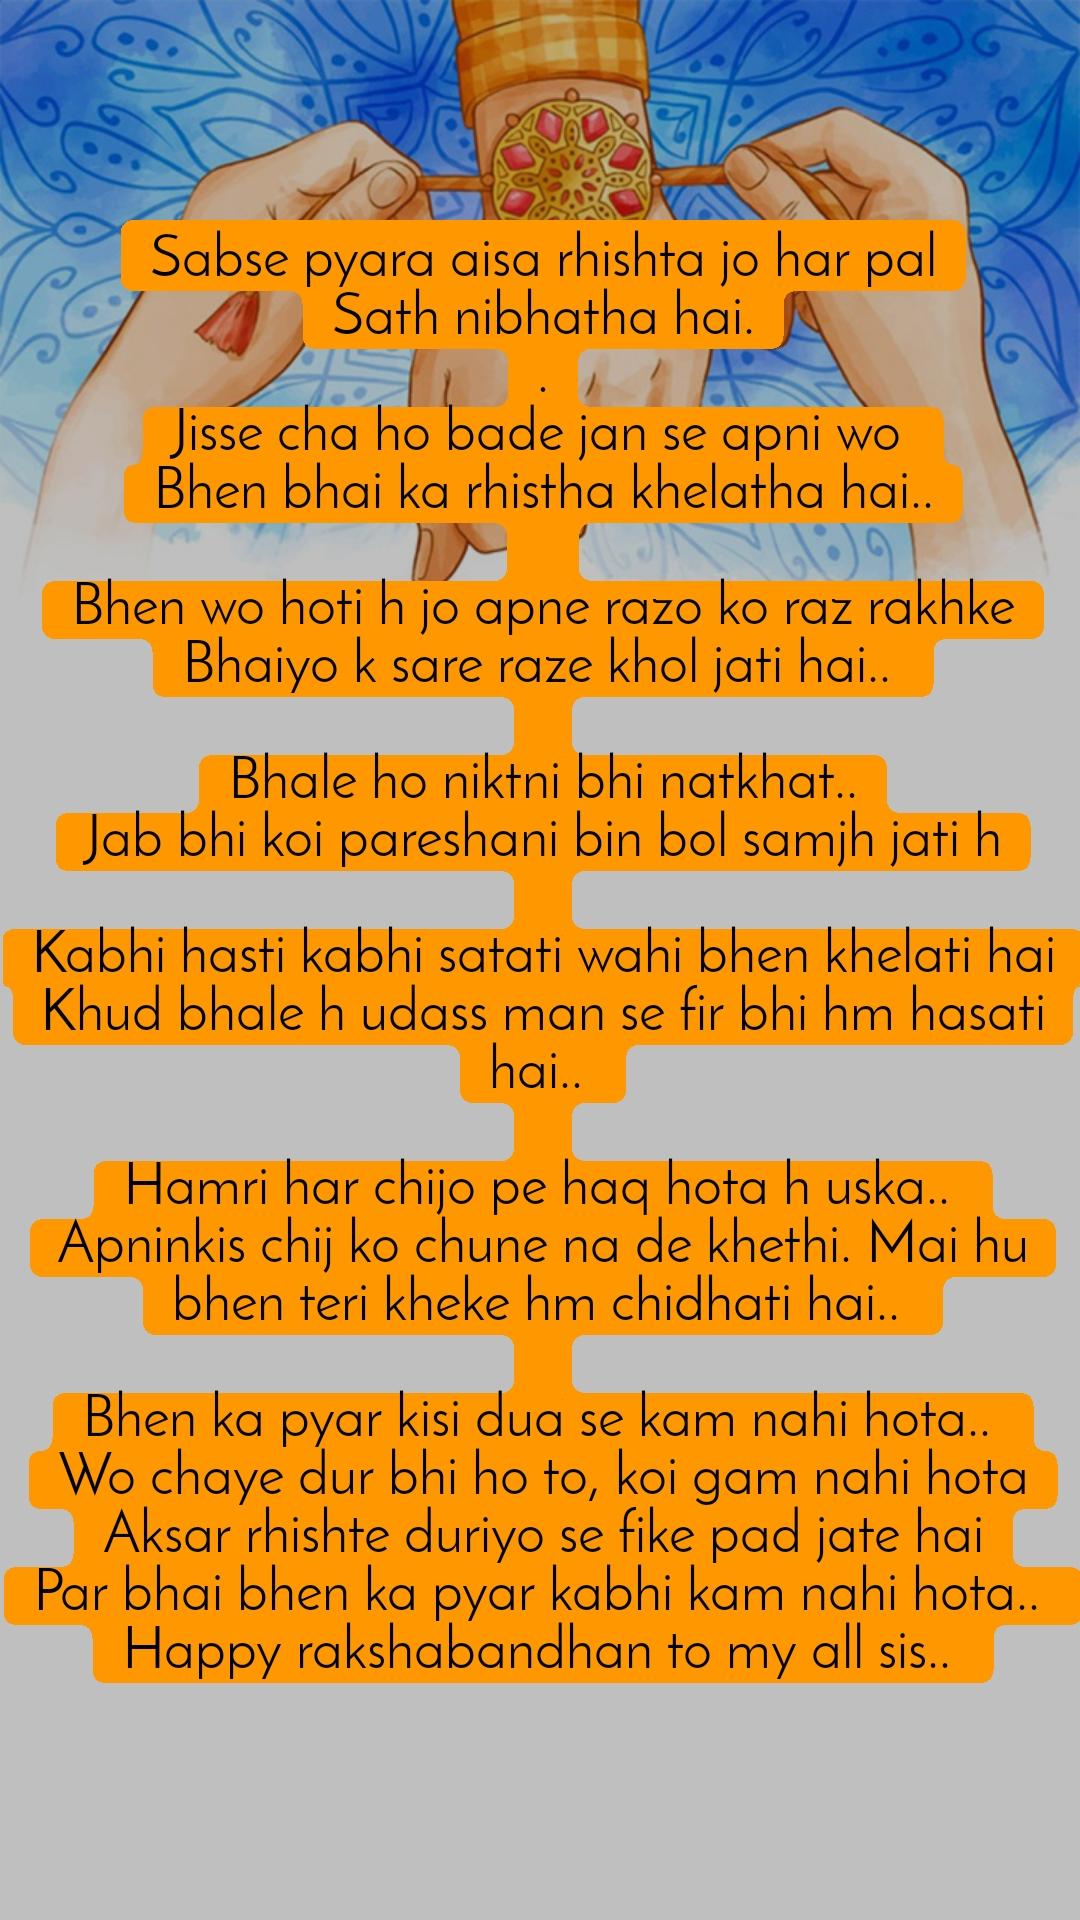 Sabse pyara aisa rhishta jo har pal Sath nibhatha hai. . Jisse cha ho bade jan se apni wo  Bhen bhai ka rhistha khelatha hai..   Bhen wo hoti h jo apne razo ko raz rakhke Bhaiyo k sare raze khol jati hai..   Bhale ho niktni bhi natkhat.. Jab bhi koi pareshani bin bol samjh jati h  Kabhi hasti kabhi satati wahi bhen khelati hai Khud bhale h udass man se fir bhi hm hasati hai..   Hamri har chijo pe haq hota h uska..  Apninkis chij ko chune na de khethi. Mai hu bhen teri kheke hm chidhati hai..   Bhen ka pyar kisi dua se kam nahi hota..  Wo chaye dur bhi ho to, koi gam nahi hota Aksar rhishte duriyo se fike pad jate hai Par bhai bhen ka pyar kabhi kam nahi hota..  Happy rakshabandhan to my all sis..